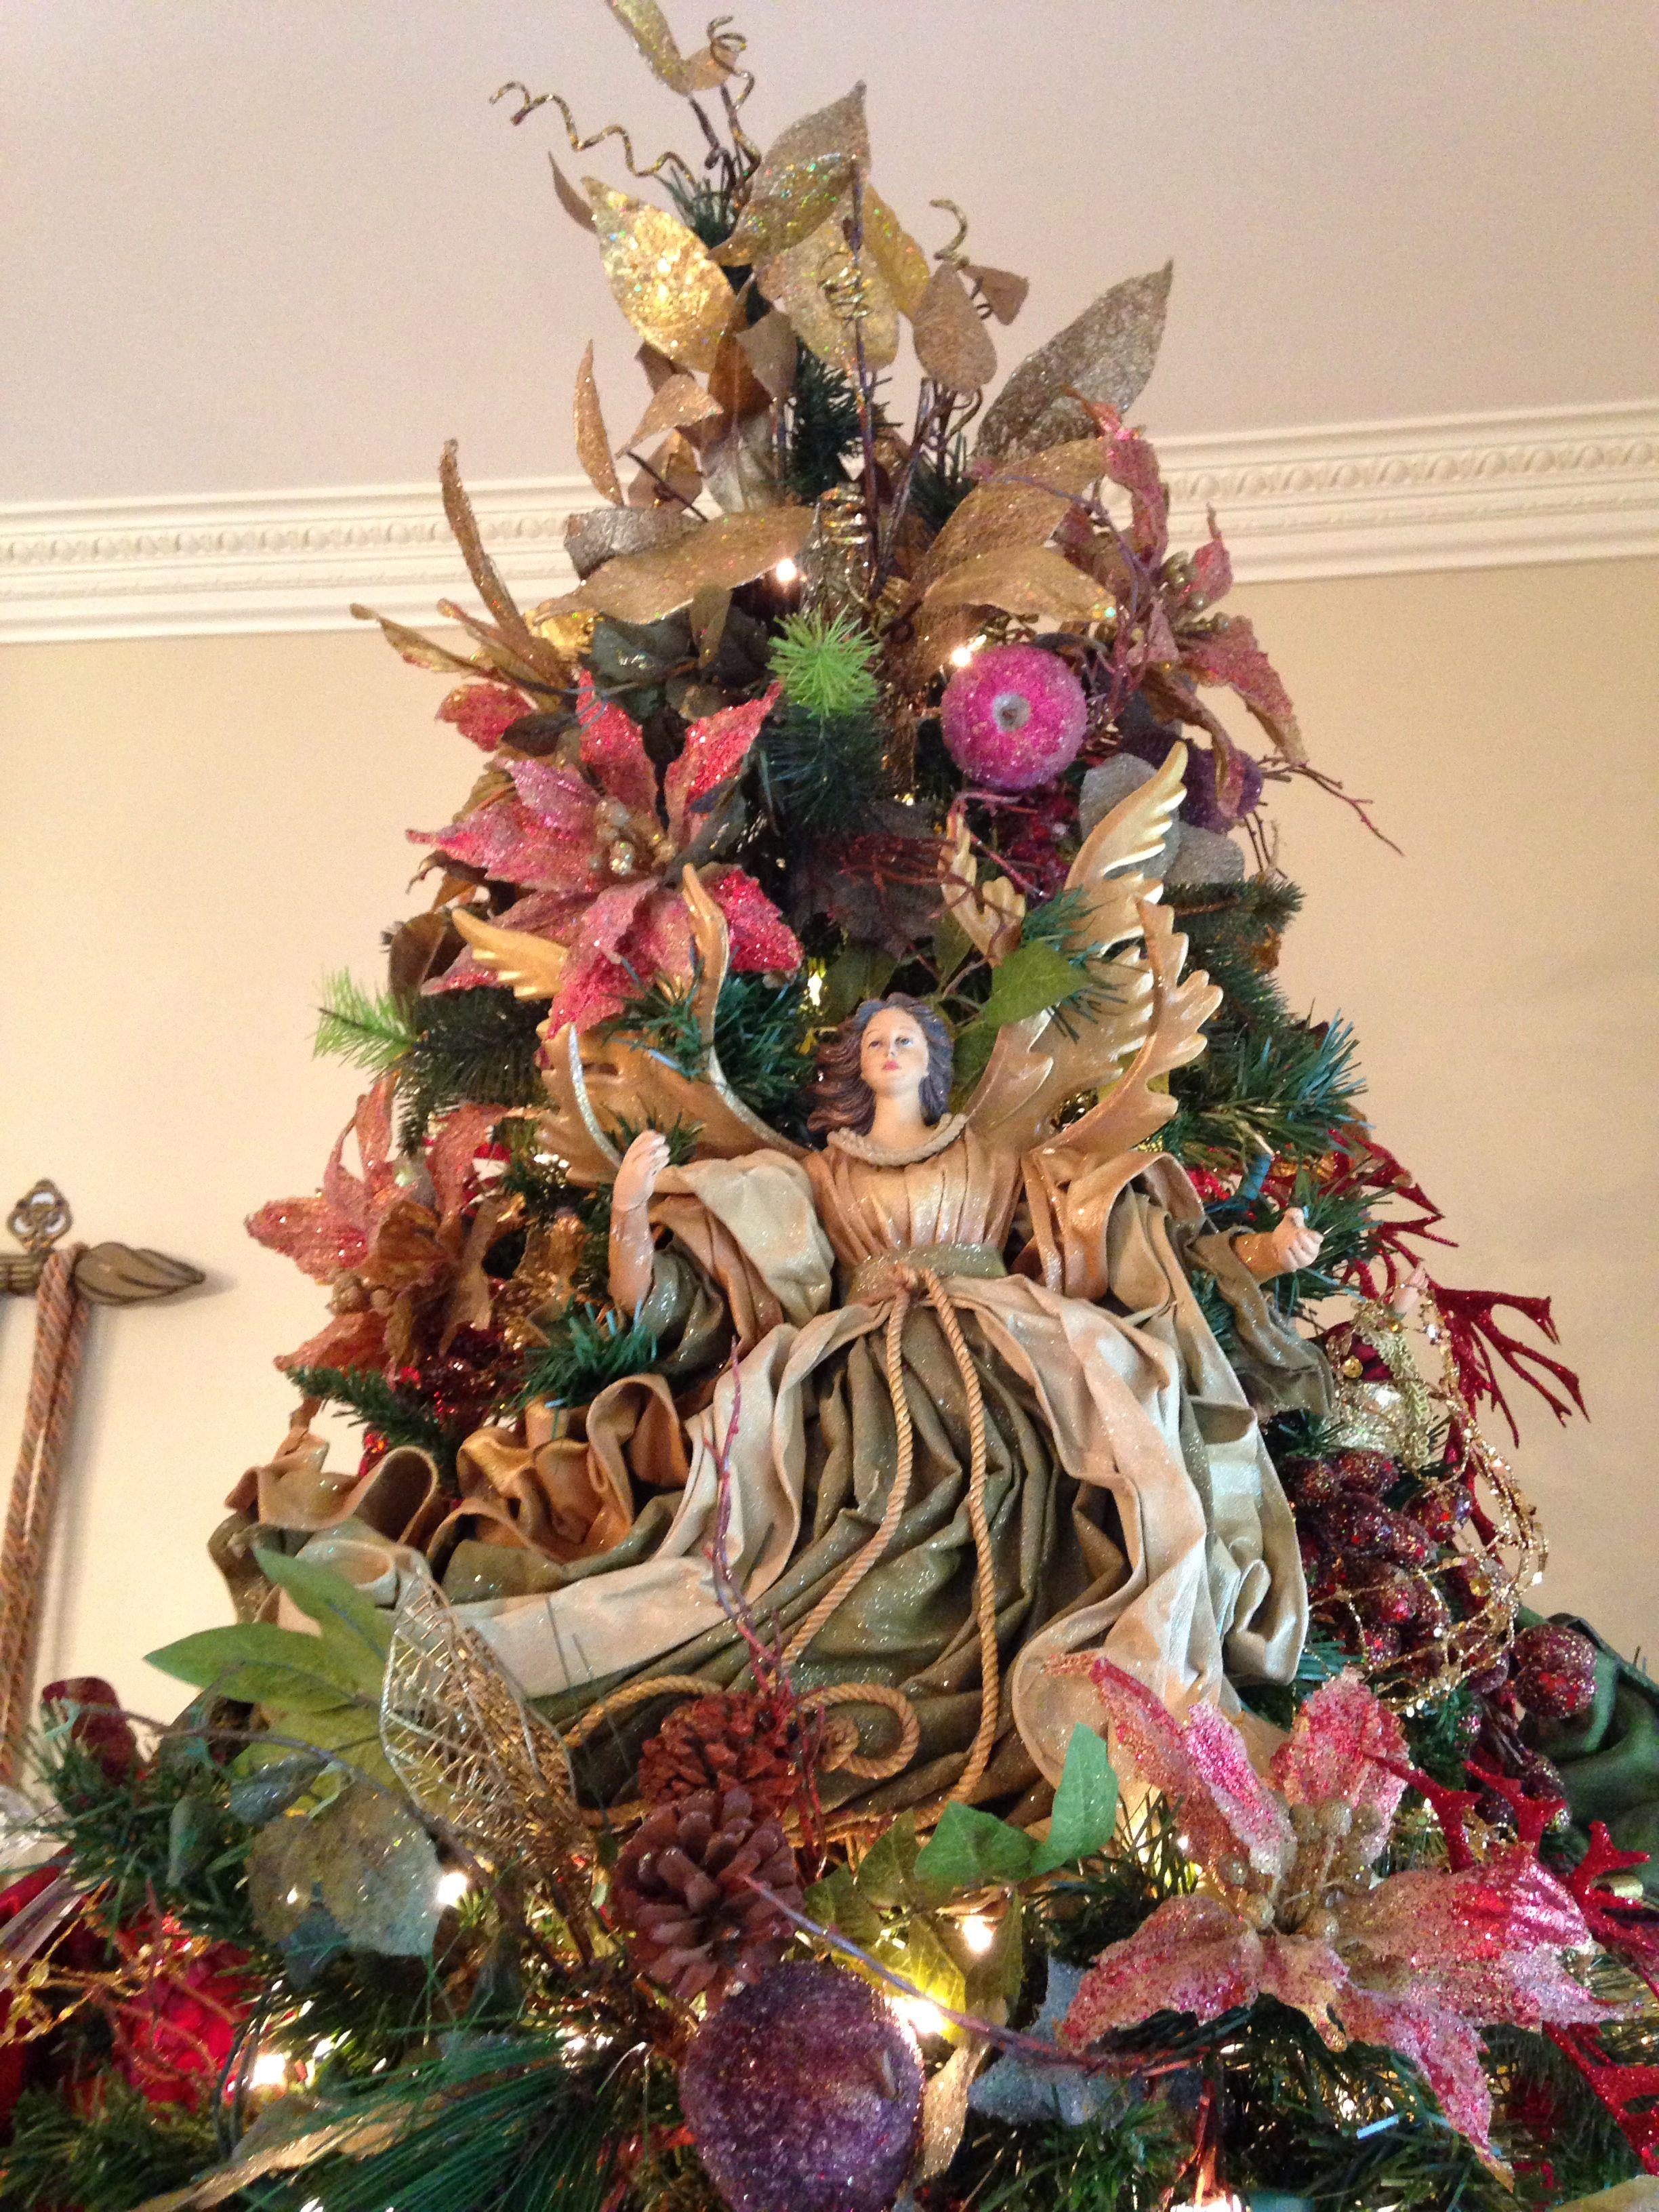 Angel Christmas Tree Christmas Angel Decorations Whimsical Christmas Trees Christmas Tree Themes